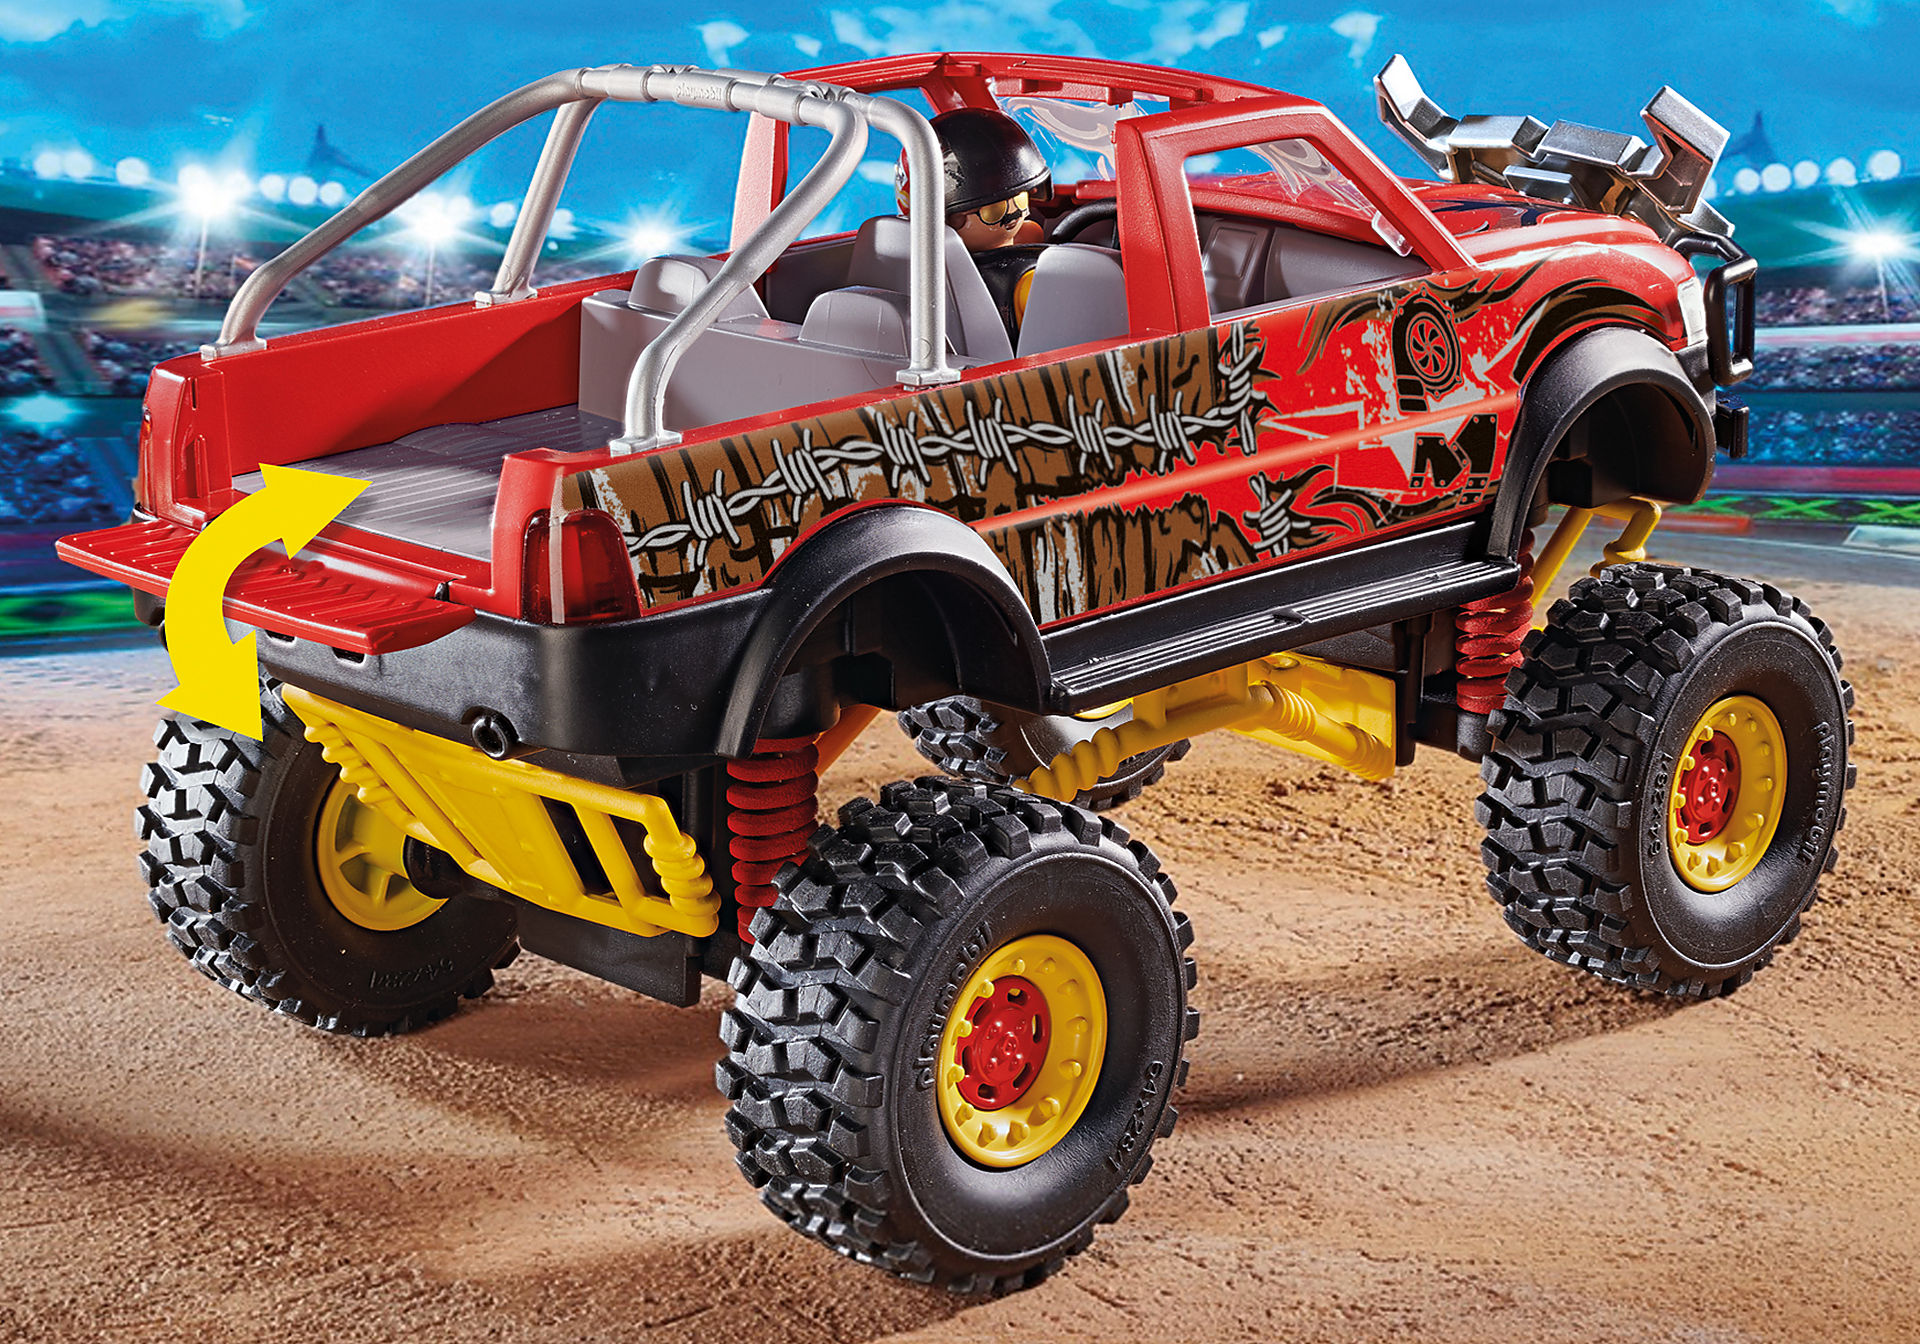 70549 Stunt Show Bull Monster Truck zoom image5